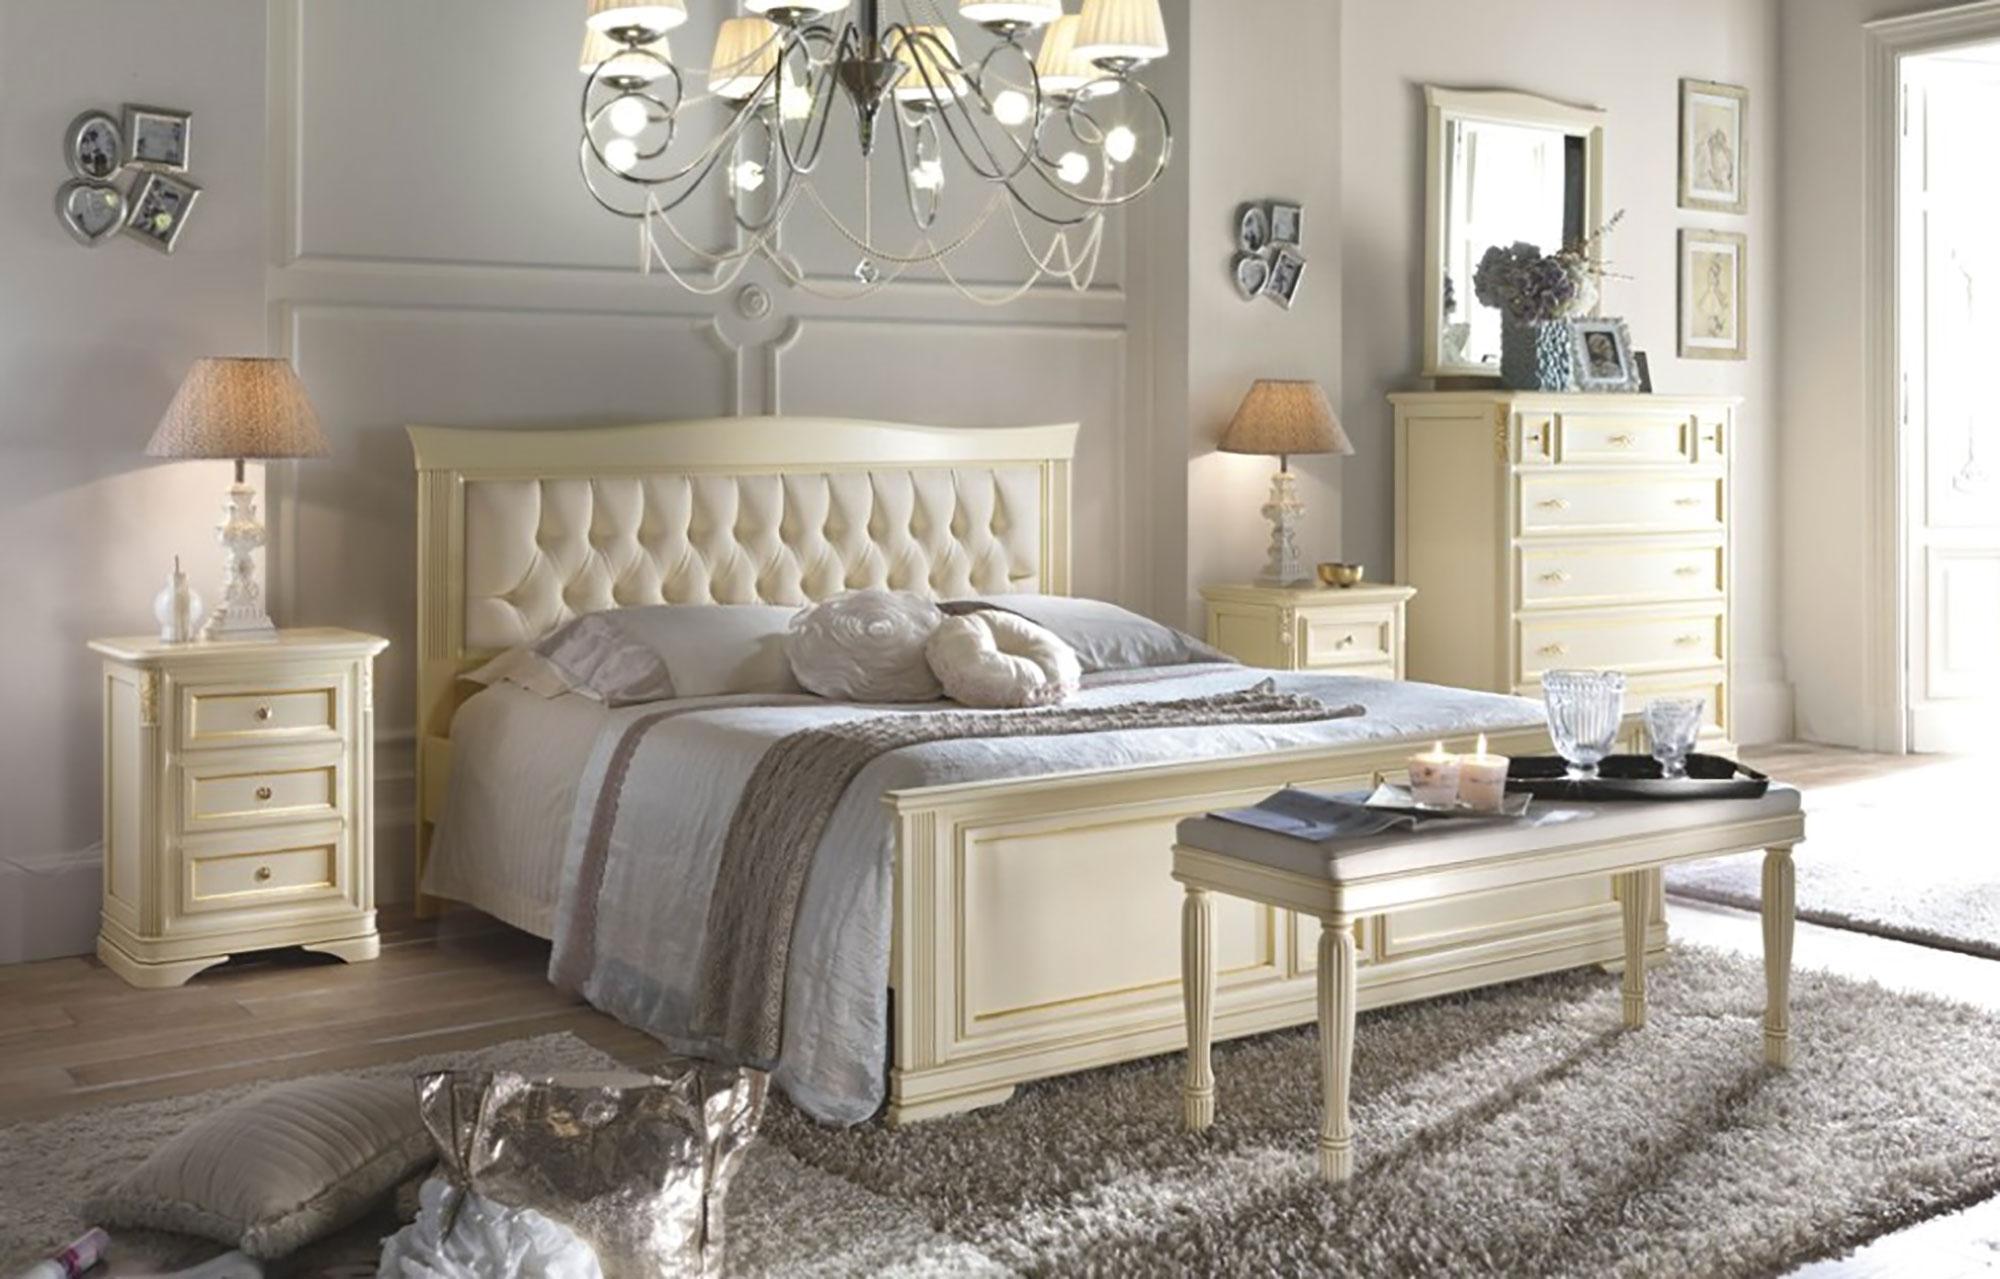 Elegante camera da letto matrimoniale in finitura laccato avorio